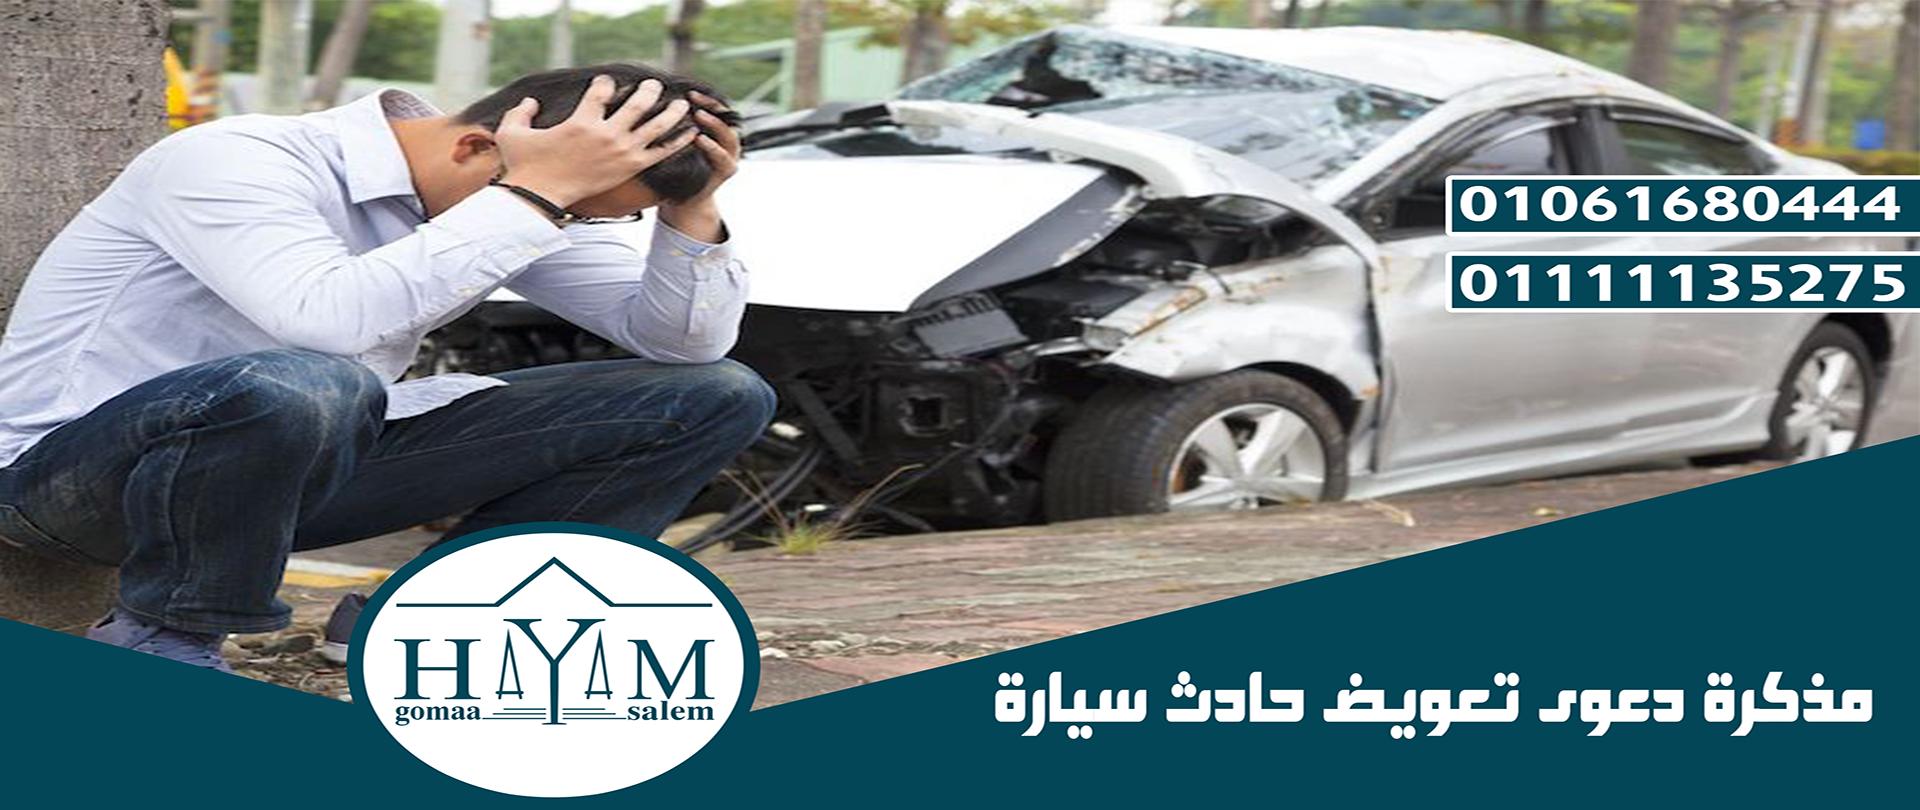 مذكرة-دعوى-تعويض-حادث-سيارة-copy